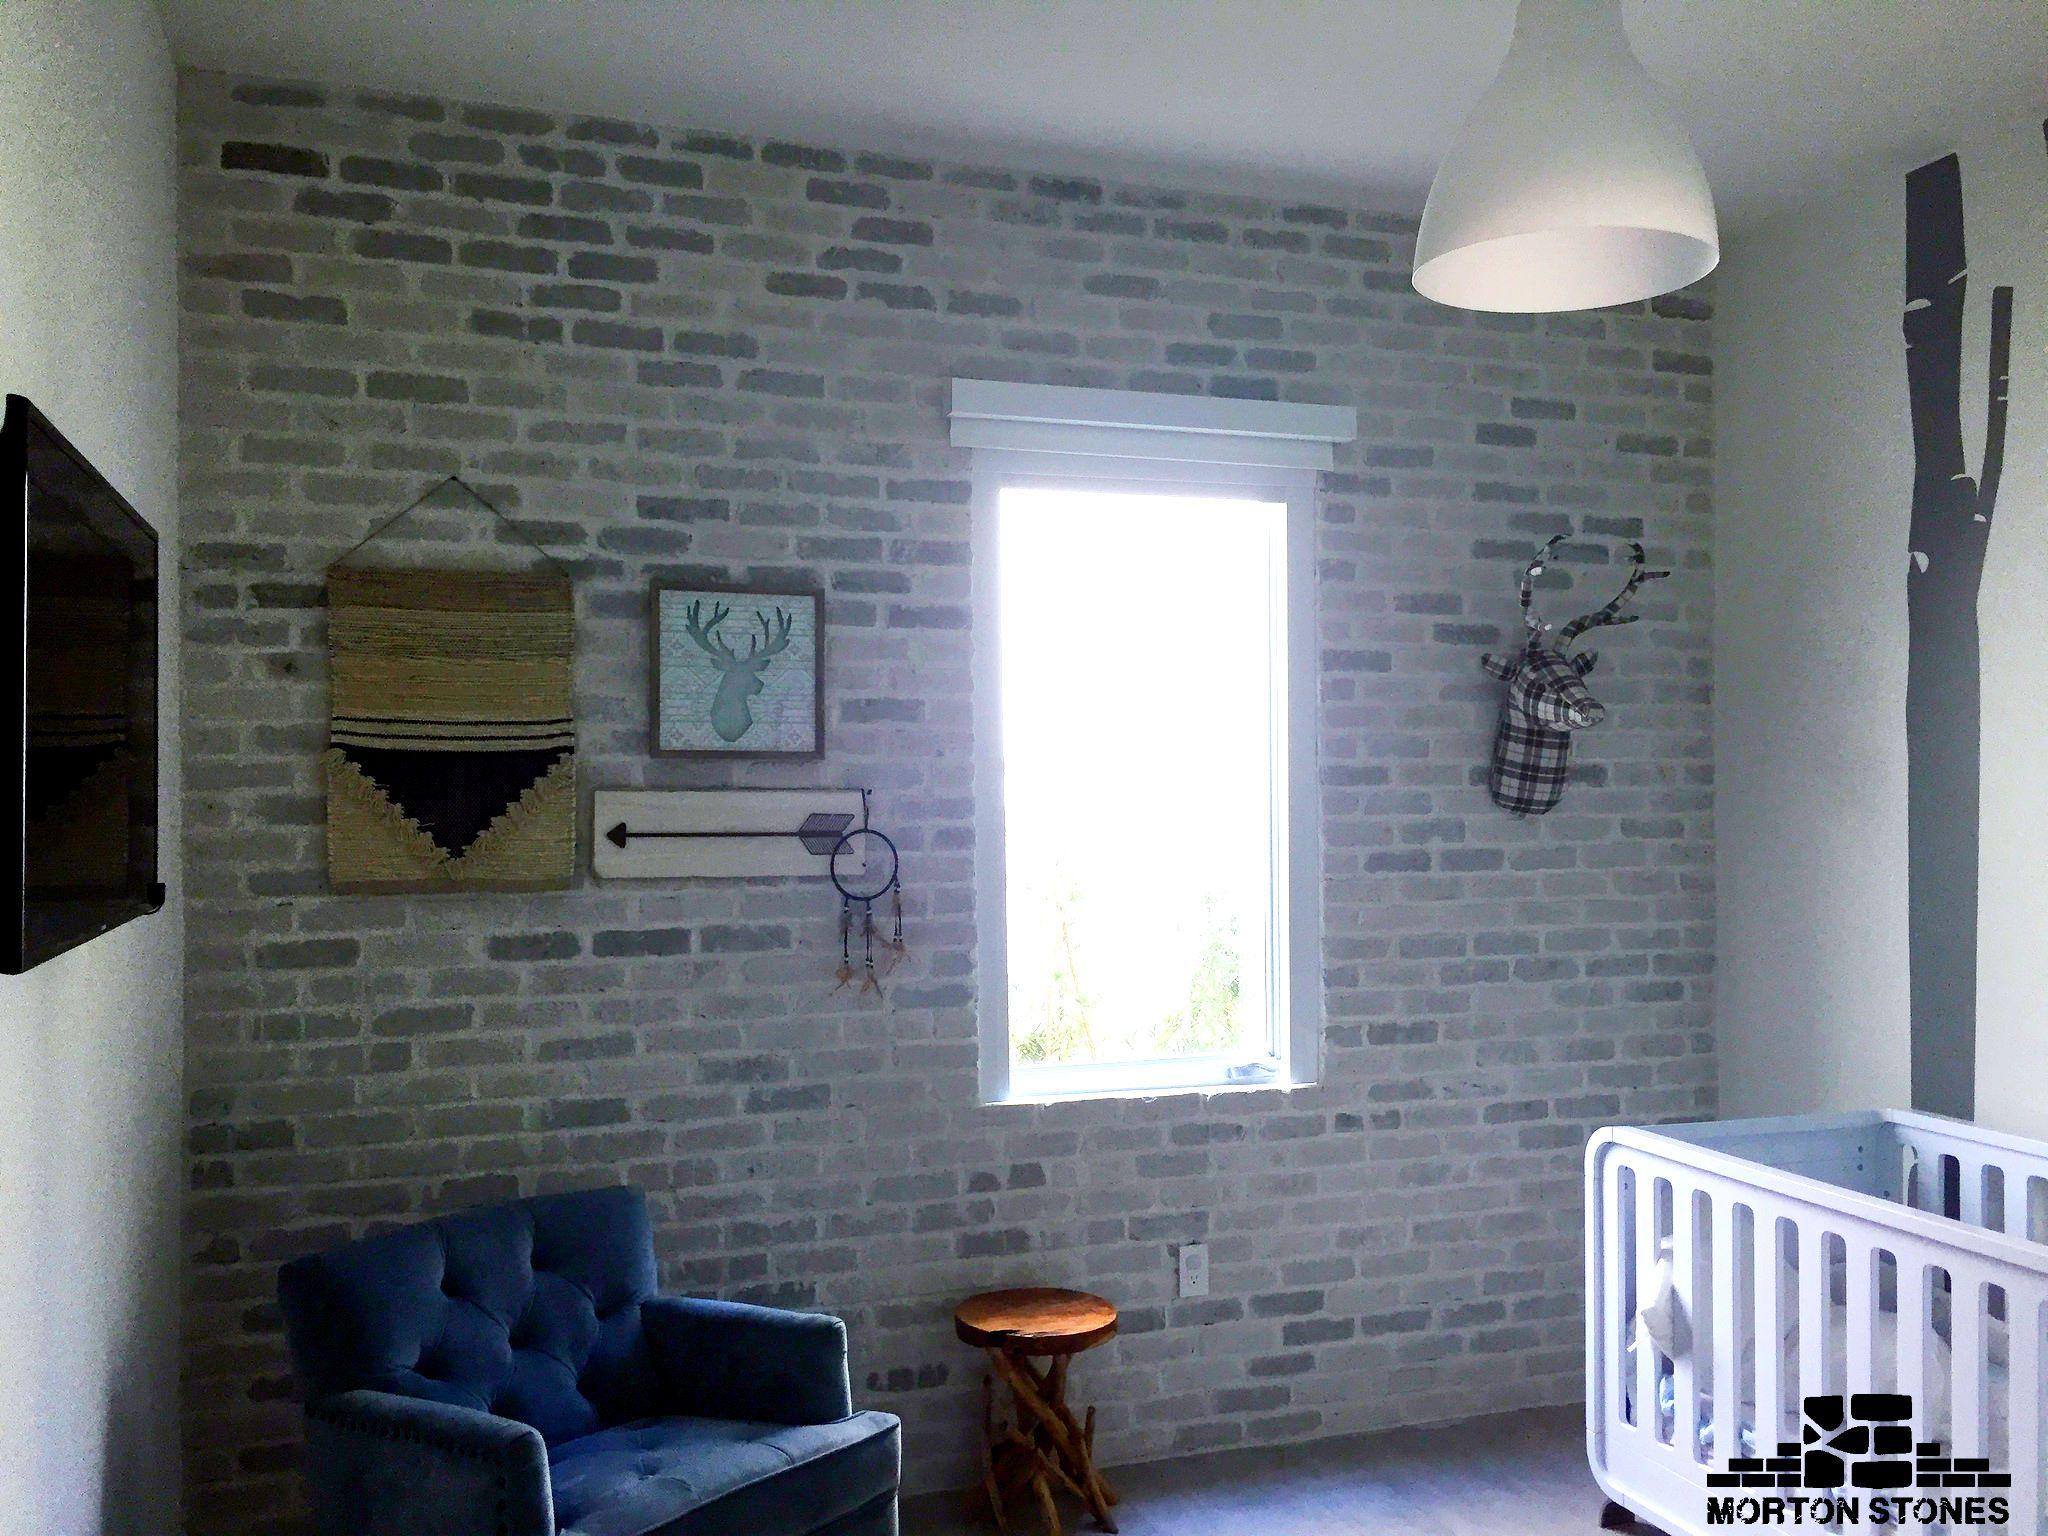 A Whitewashed Brick Veneer Wall In A Child S Bedroom Mortonstones Brick Tiles Rustic Home Decor Brickv Brick Veneer Wall White Wash Brick Brick Veneer